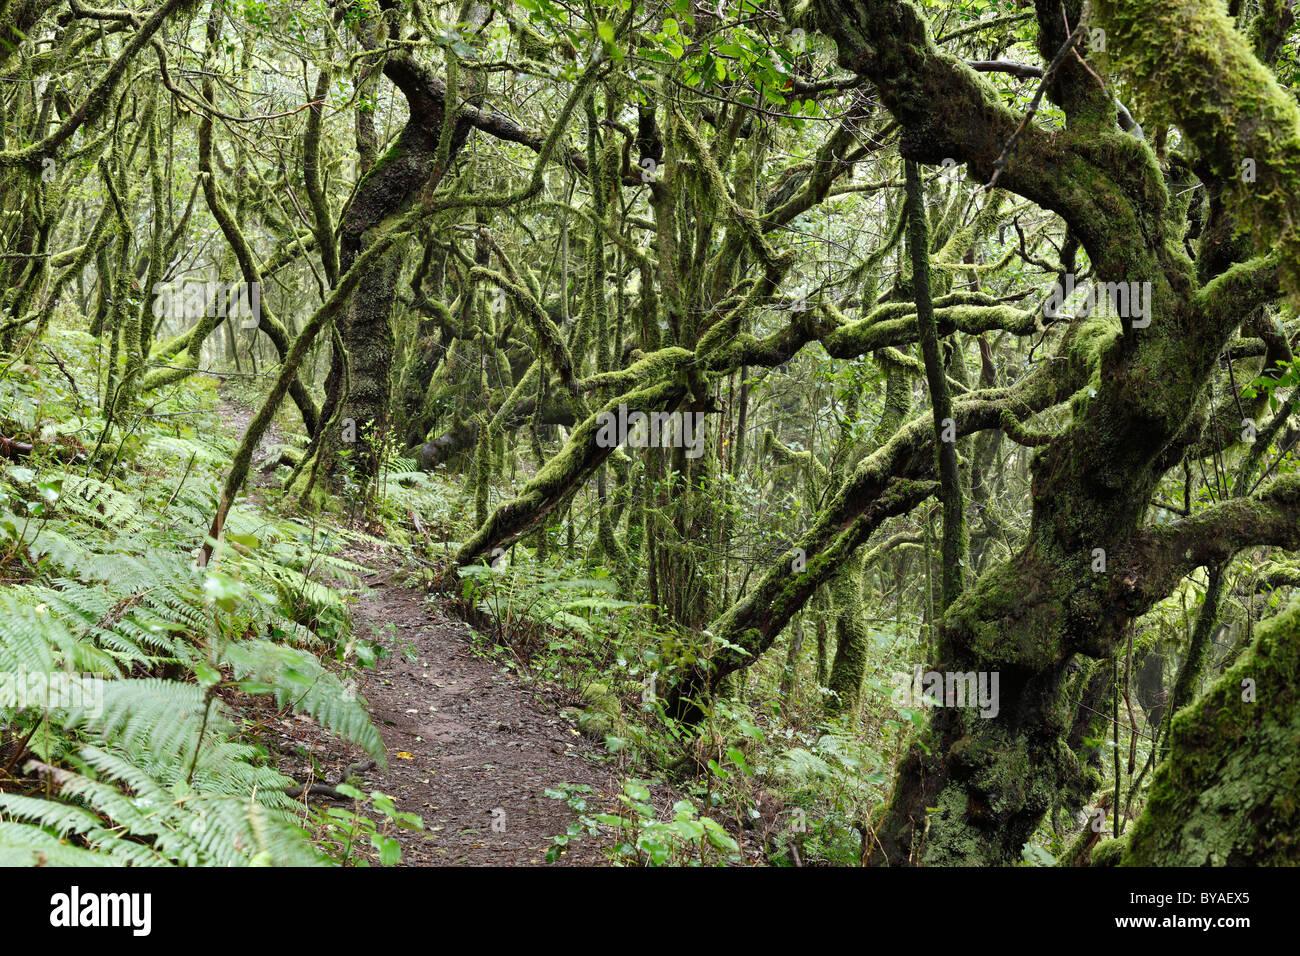 Sentier forestier dans une forêt d'arbres laurel, Parc National de Garajonay, île de La Gomera, Canary Islands, Spain, Europe Banque D'Images